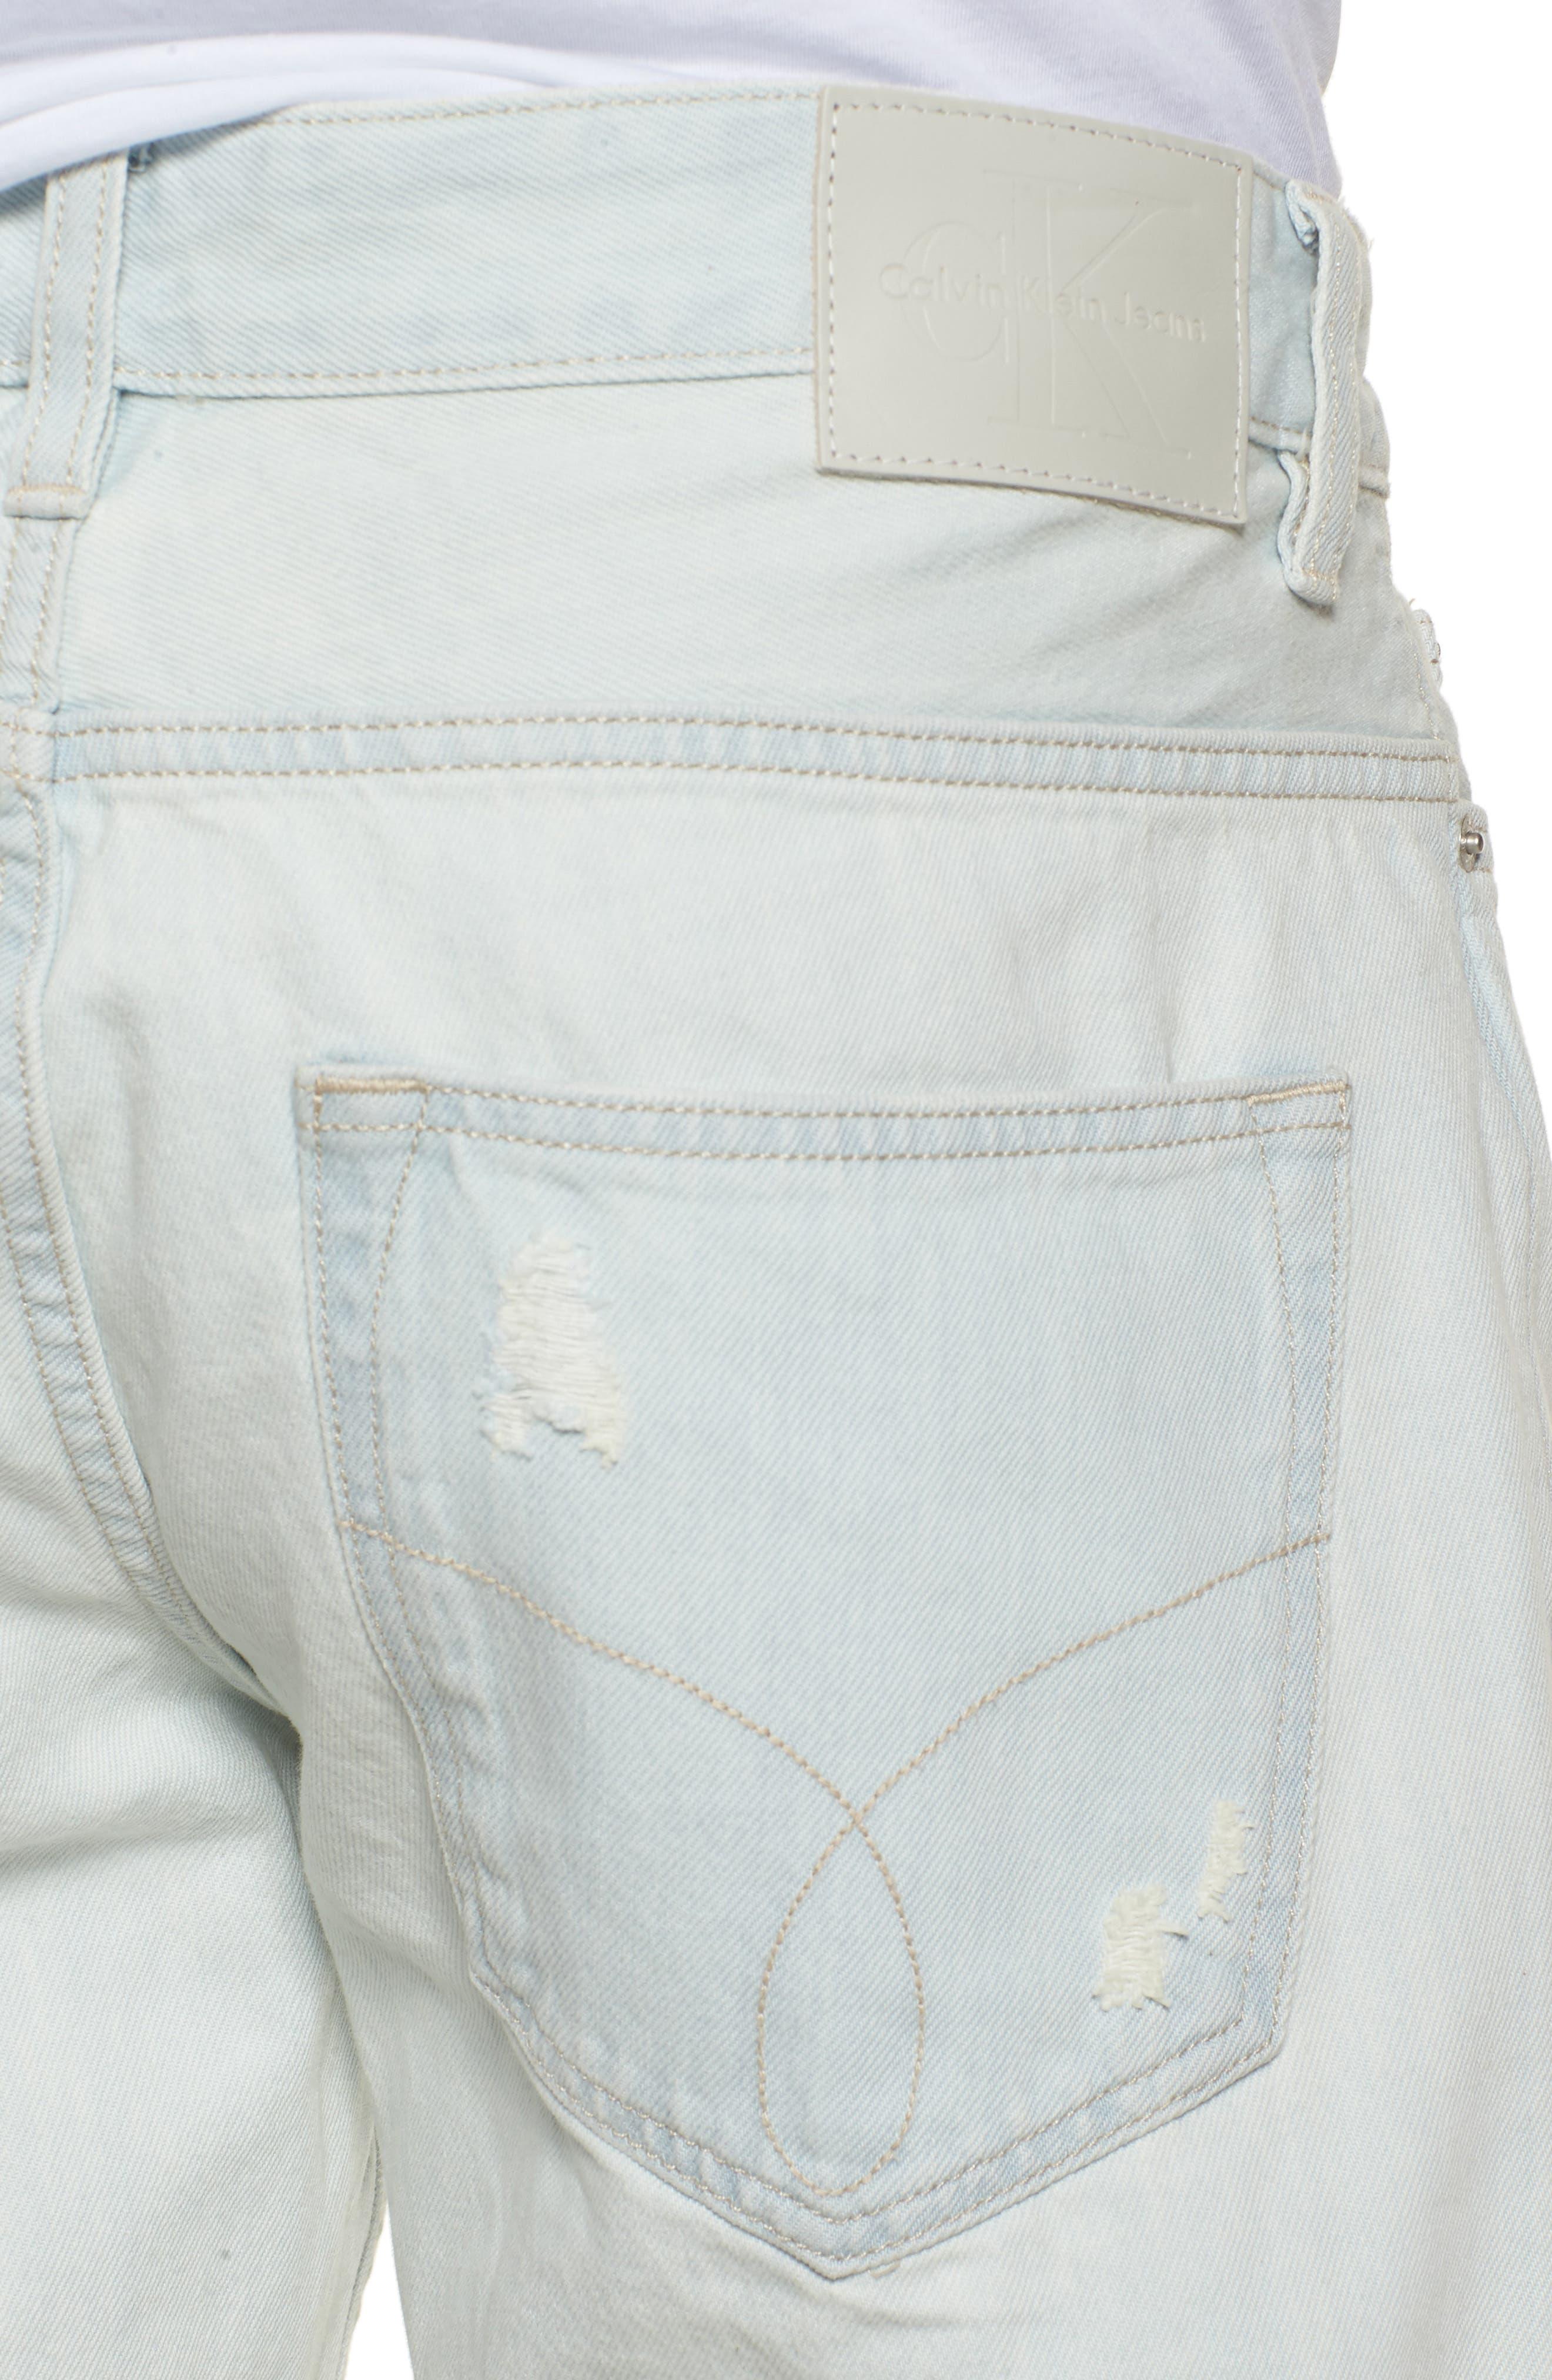 Slim Jeans,                             Alternate thumbnail 4, color,                             Favor Blue